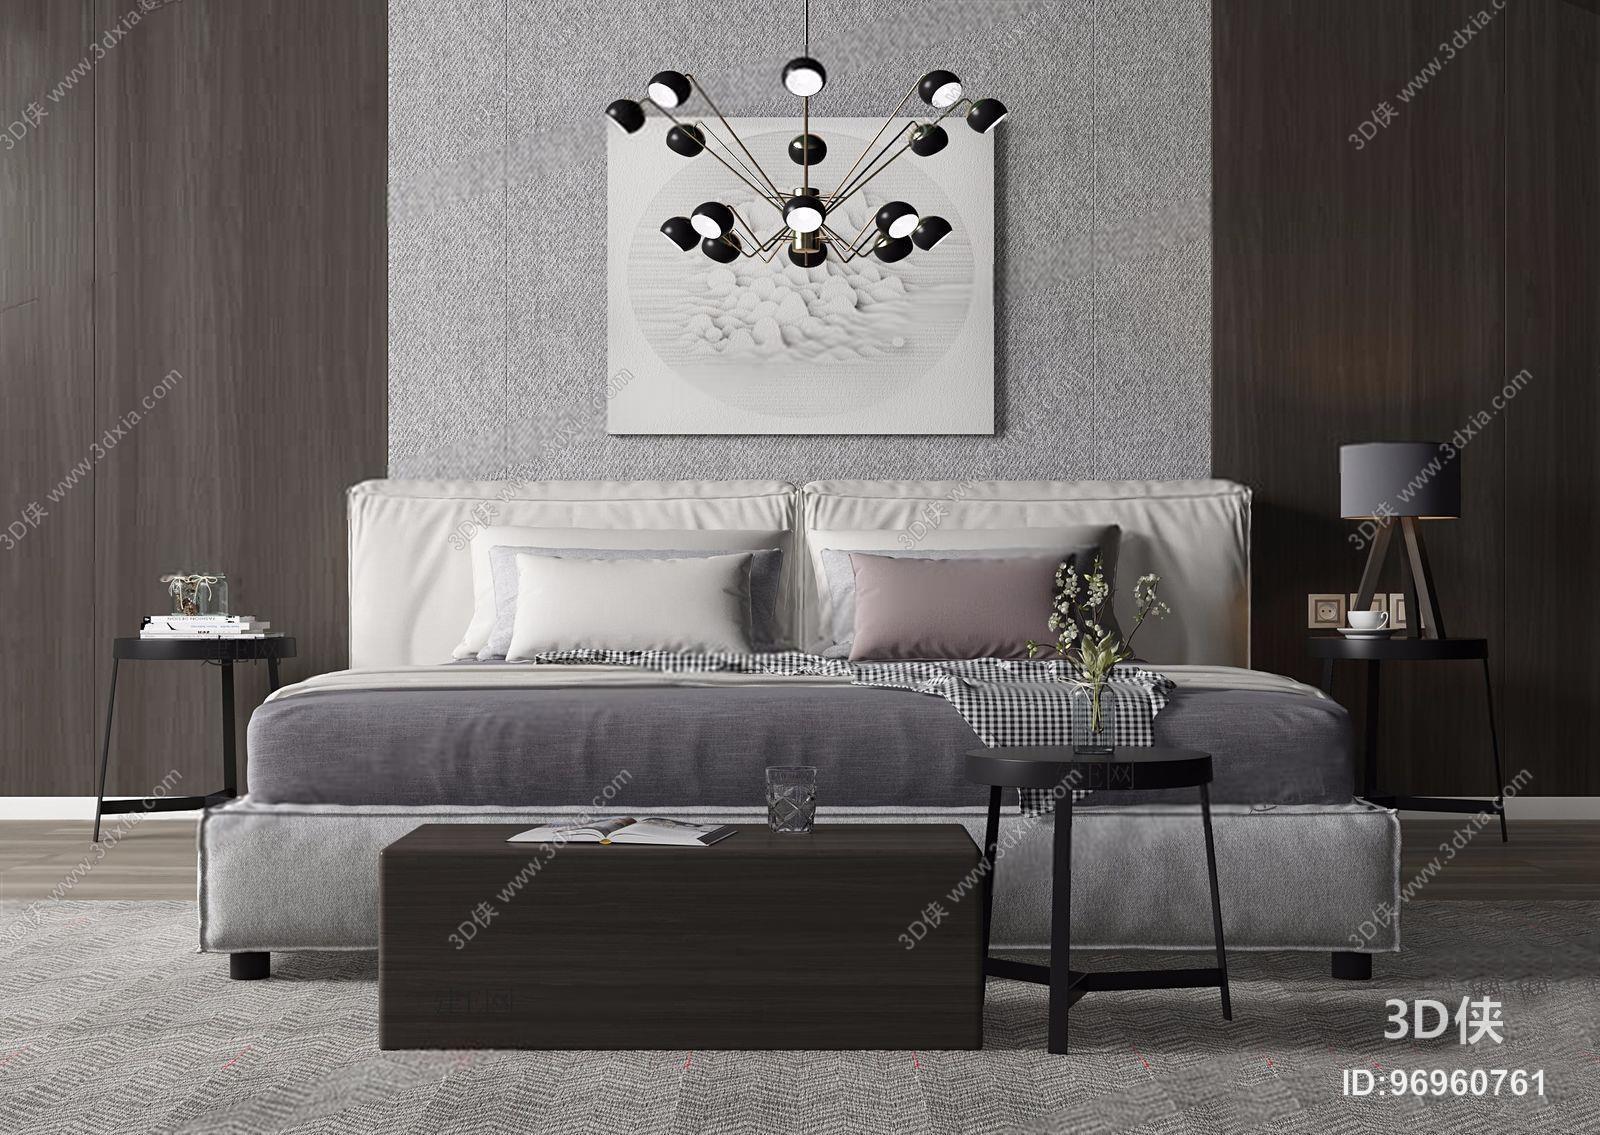 北欧床具 北欧床具 凳子 角几 吊灯 挂画 床品